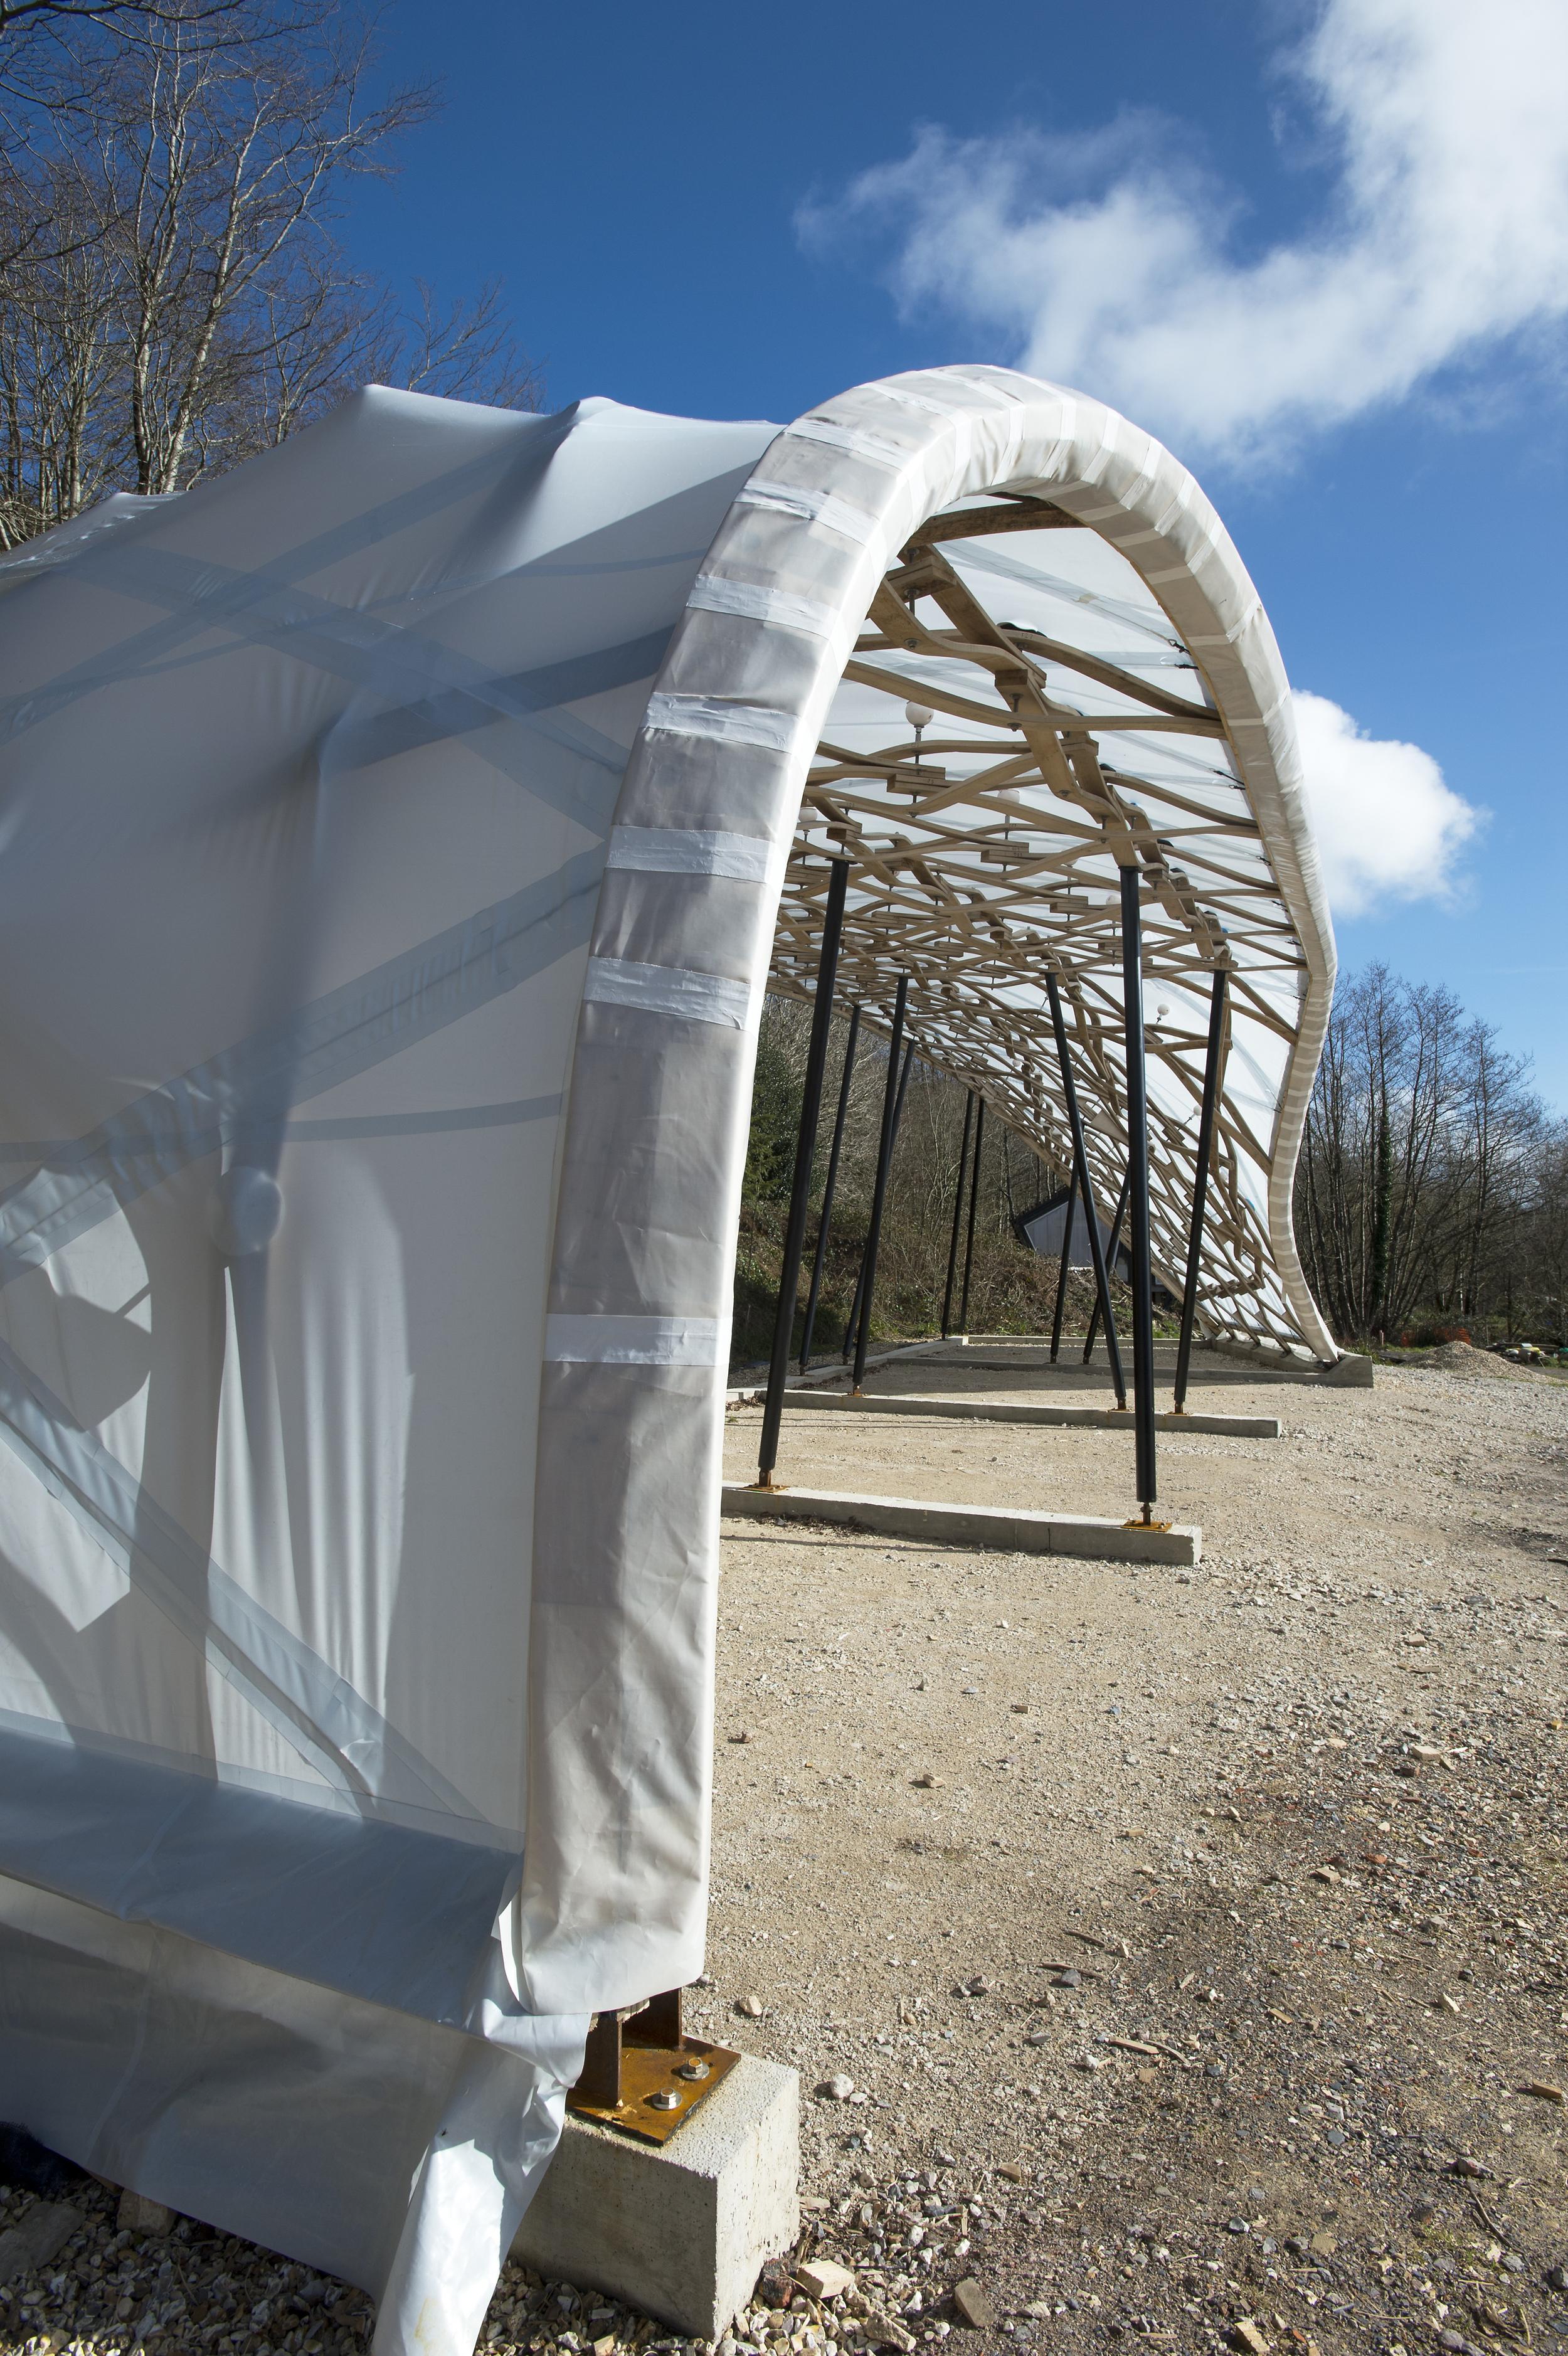 Hooke_Park_Design_&_Make_Timber_Seasoning_Shelter_©Valerie_Bennett_2014_02_22_0109.jpg